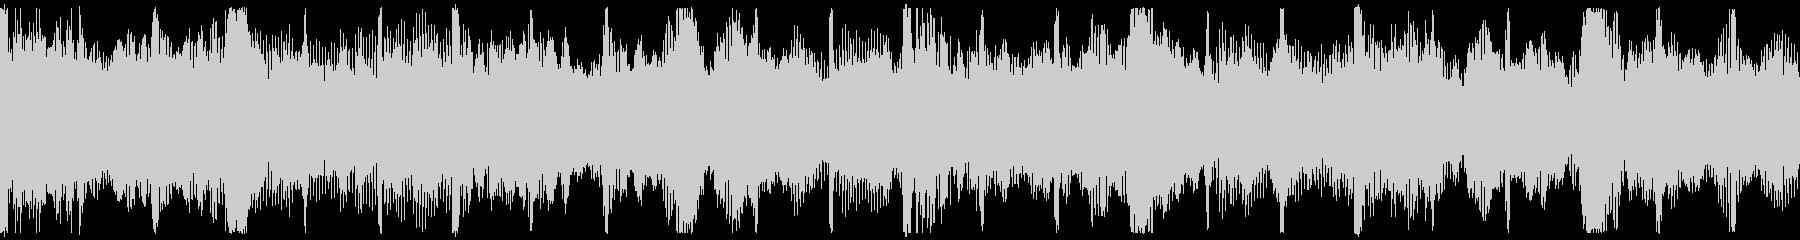 感動表現、CM,ブライダル、ループ2の未再生の波形